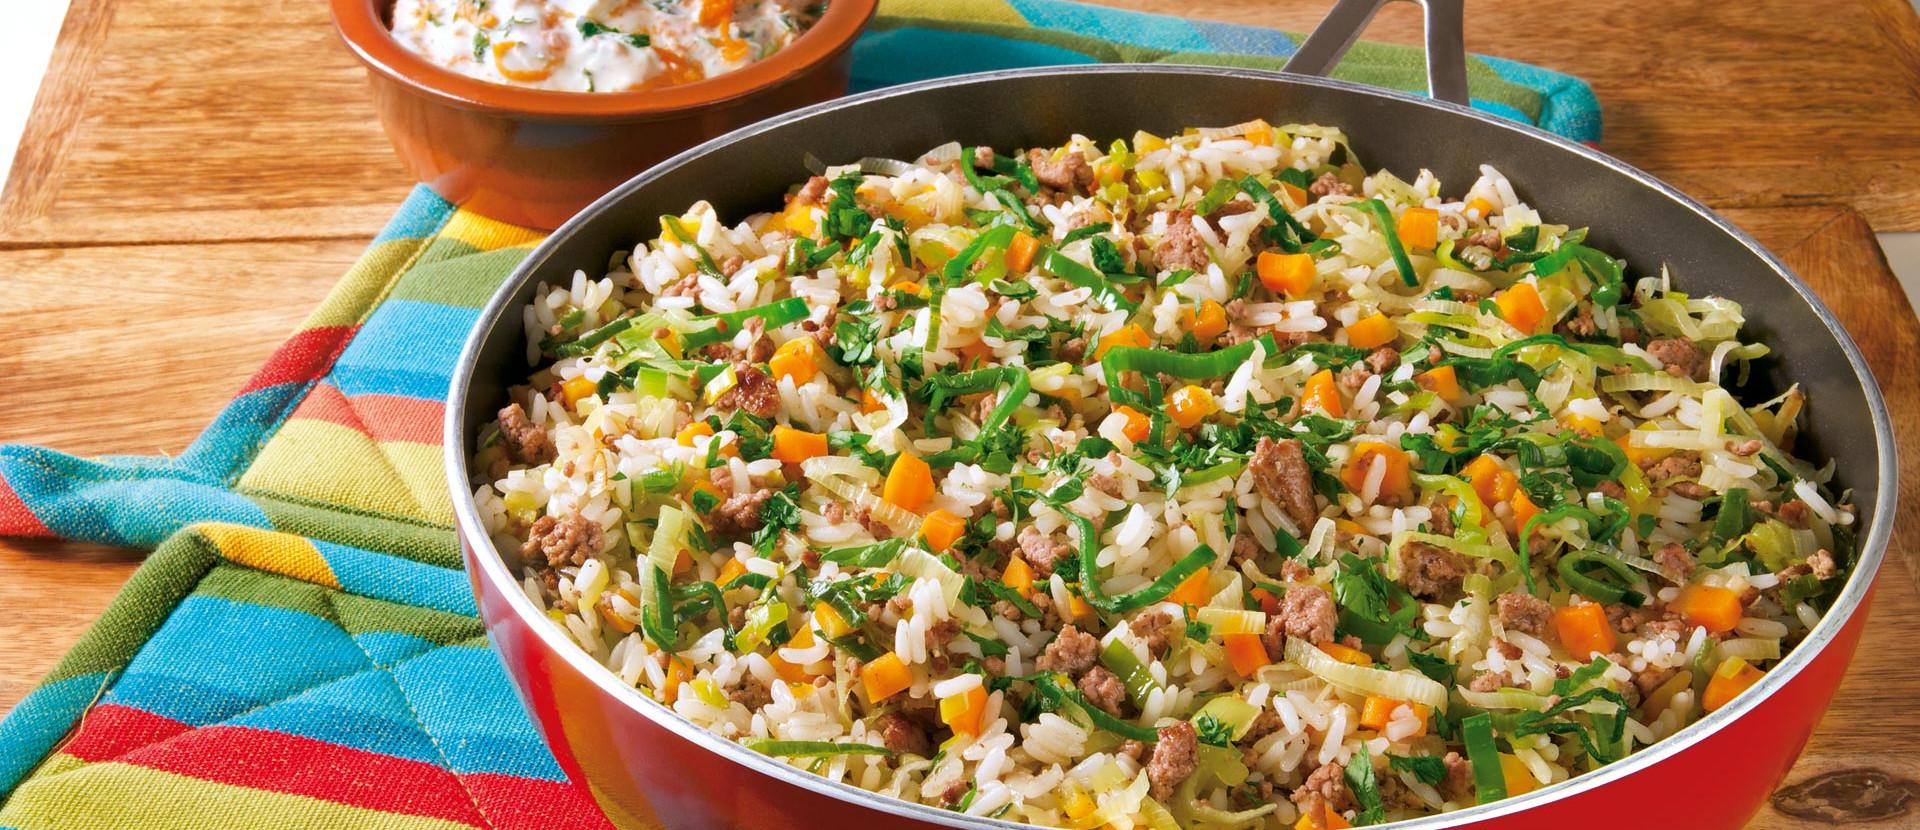 Reis-Hack-Pfanne mit Lauch und Möhren-Dip